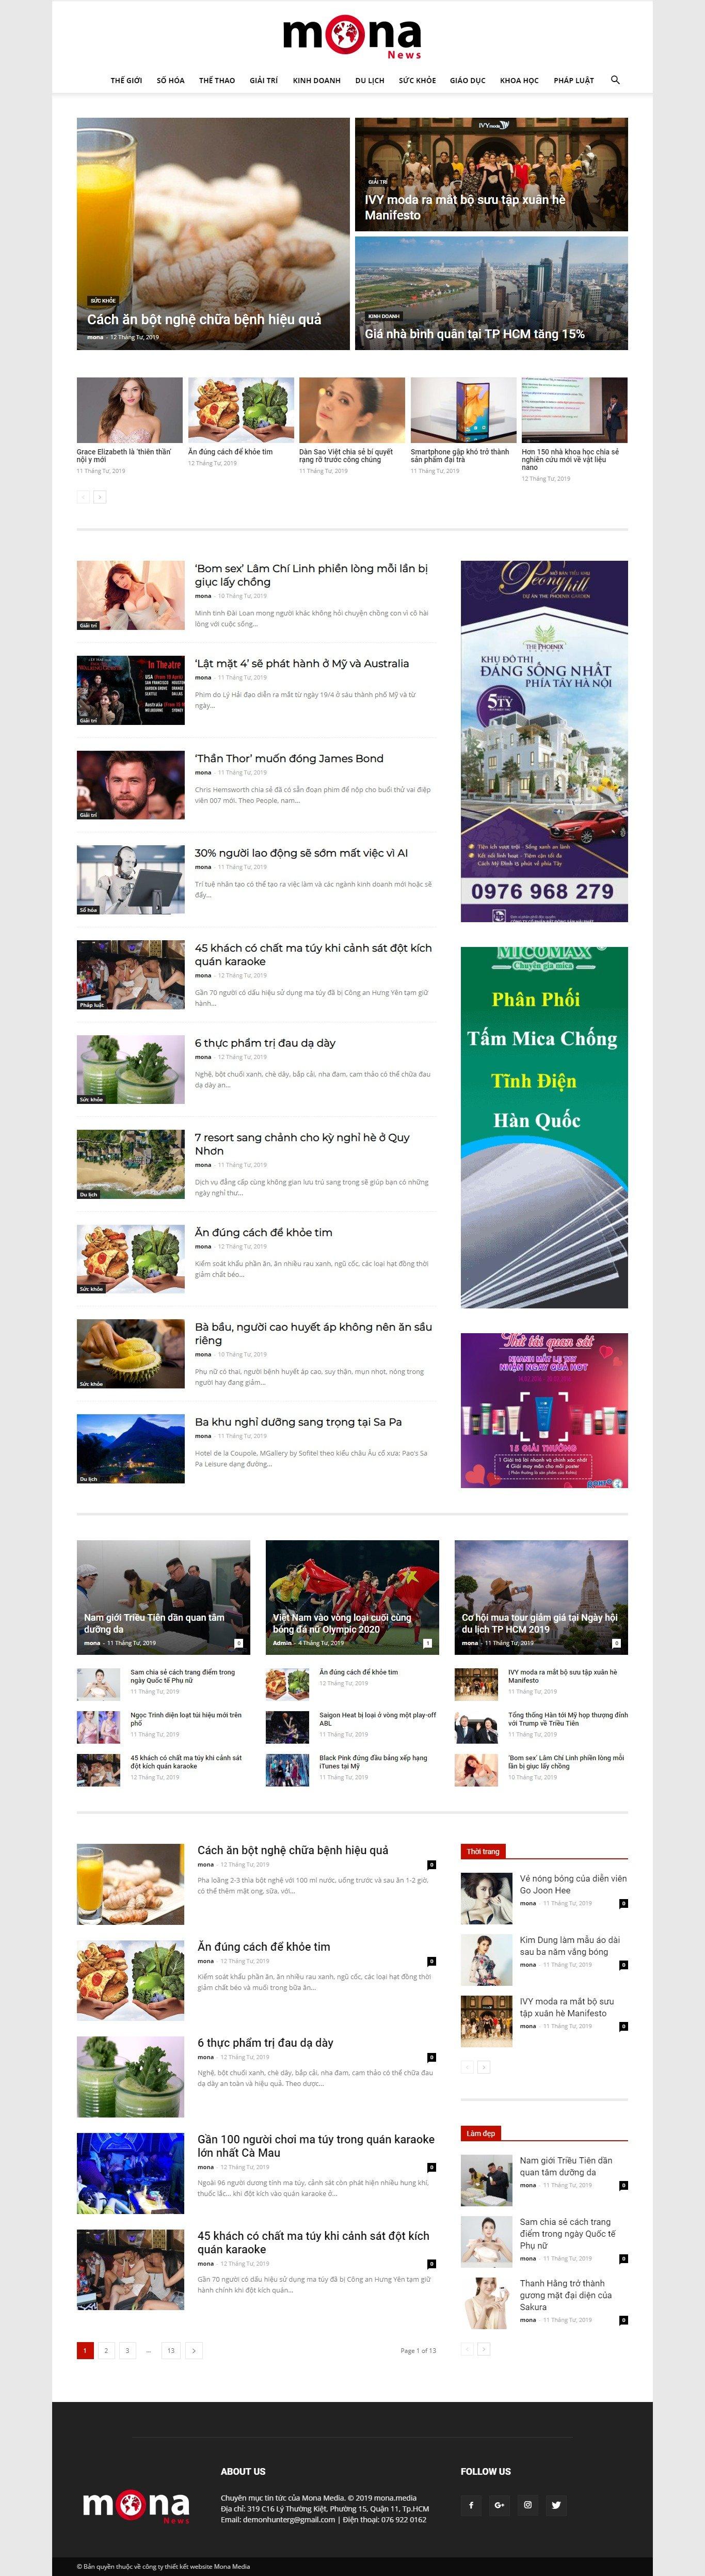 Mẫu website trang tin tức online giao diện tương tự Ngoisao.net